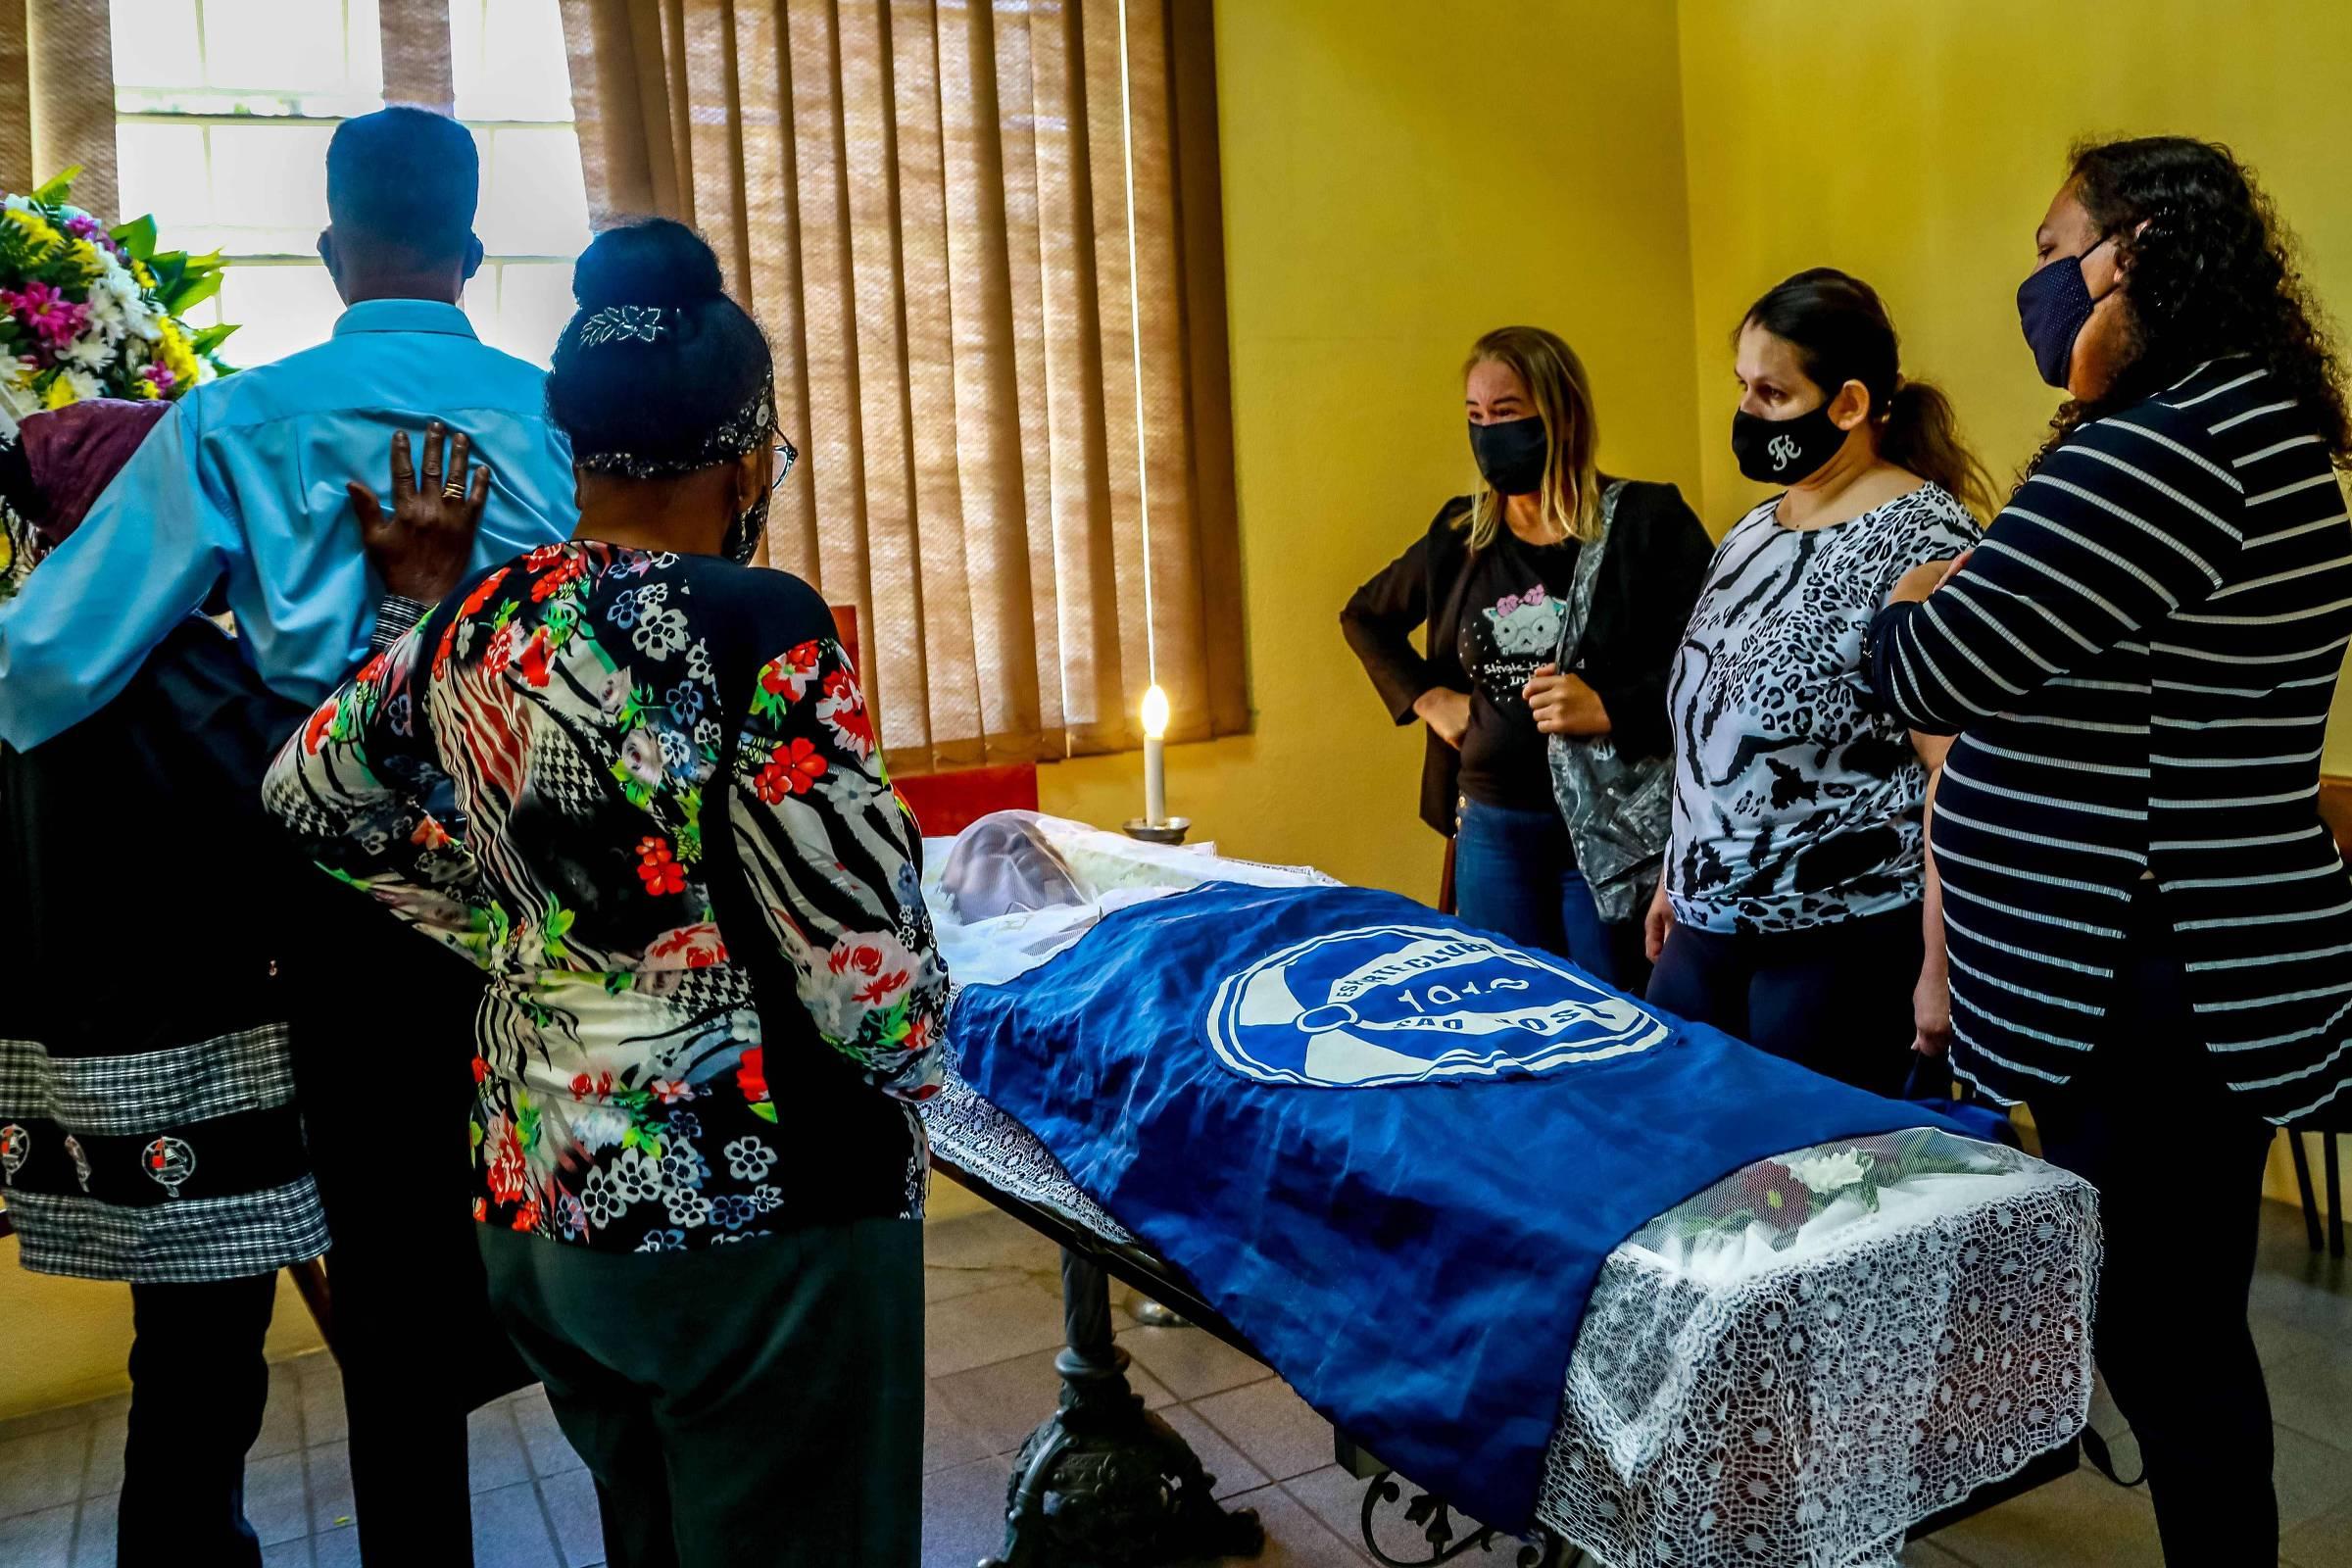 Corpo de Beto Freitas é sepultado no RS com a aliança do casamento que estava  marcado para dezembro - 21/11/2020 - Cotidiano - Folha